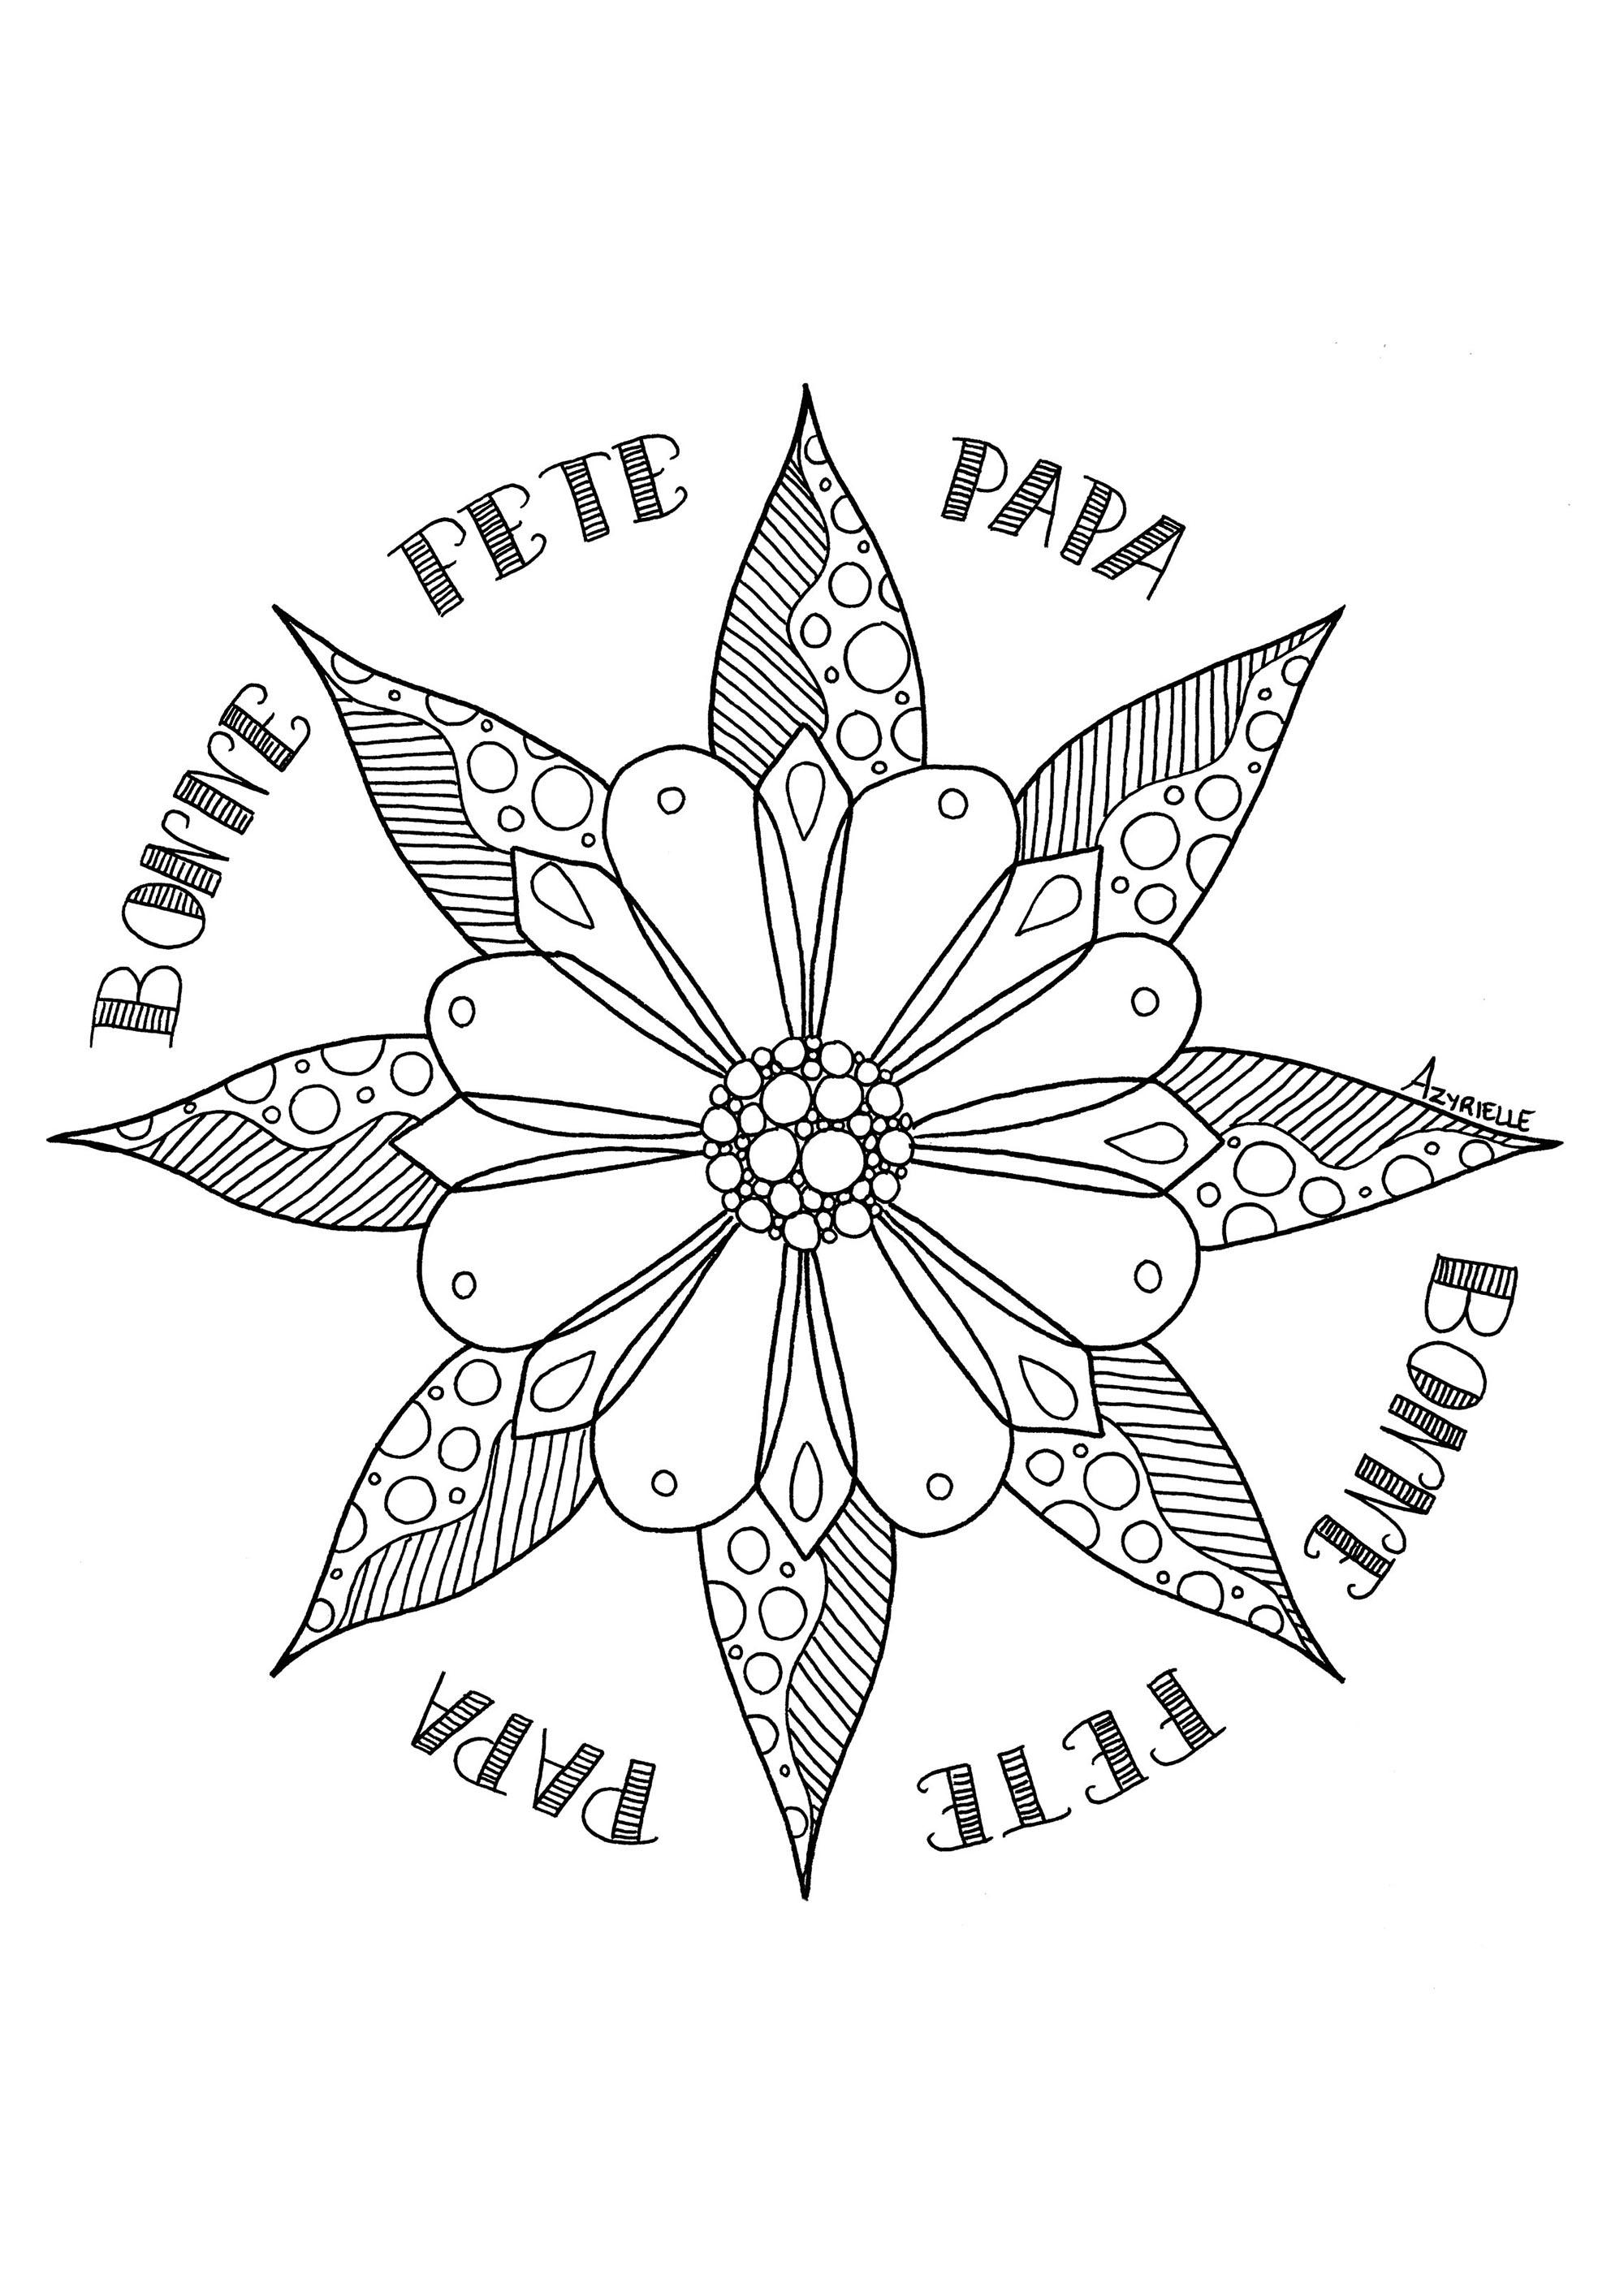 Fleur Fete Des Peres - Fête Des Pères - Coloriages pour Coloriage Fete Des Peres